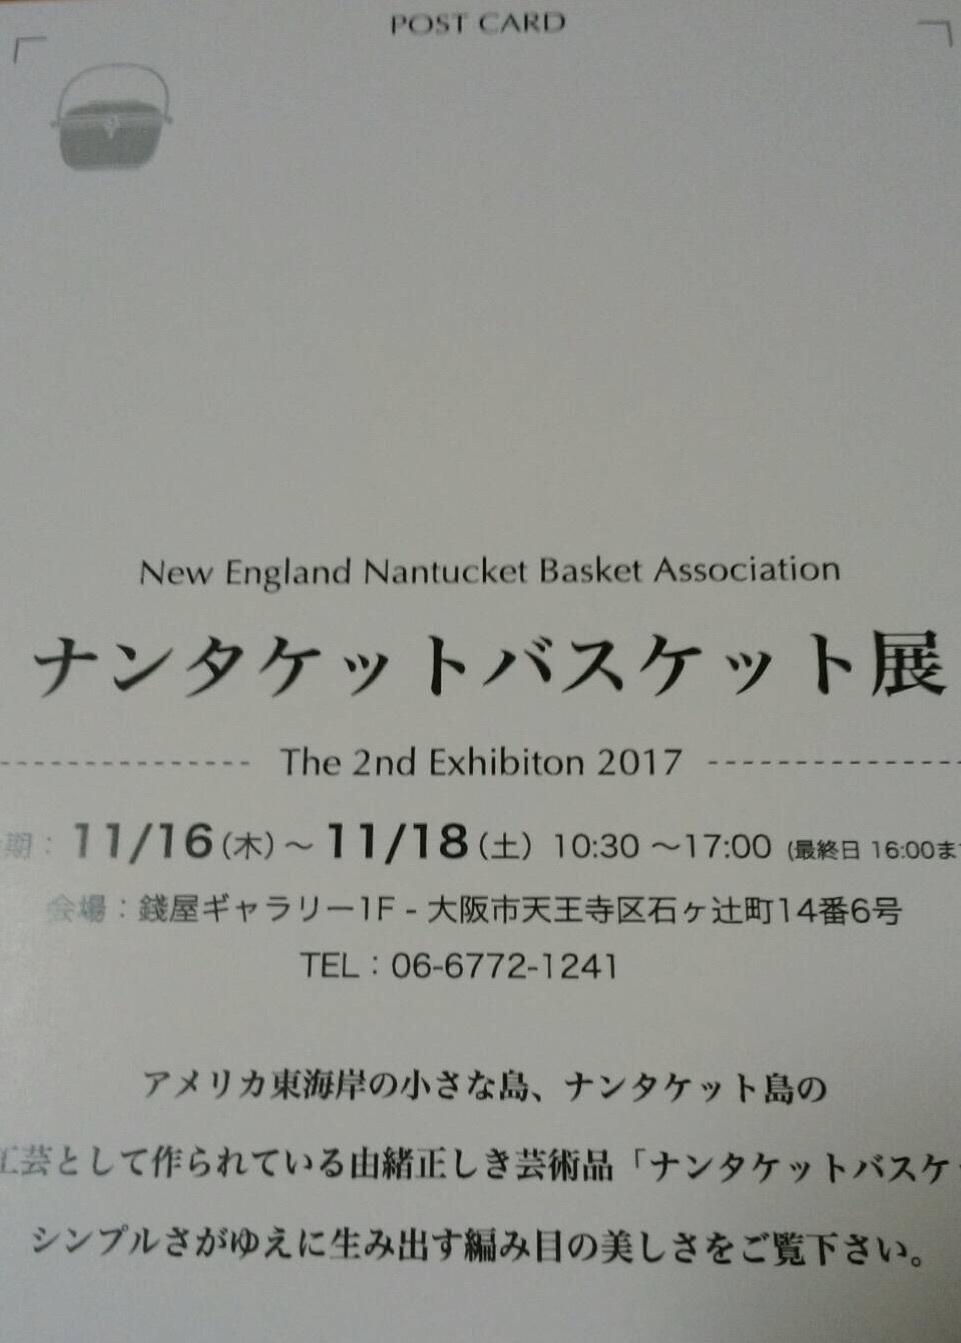 ナンタケットバスケット作品展へ_f0300672_17343621.jpg